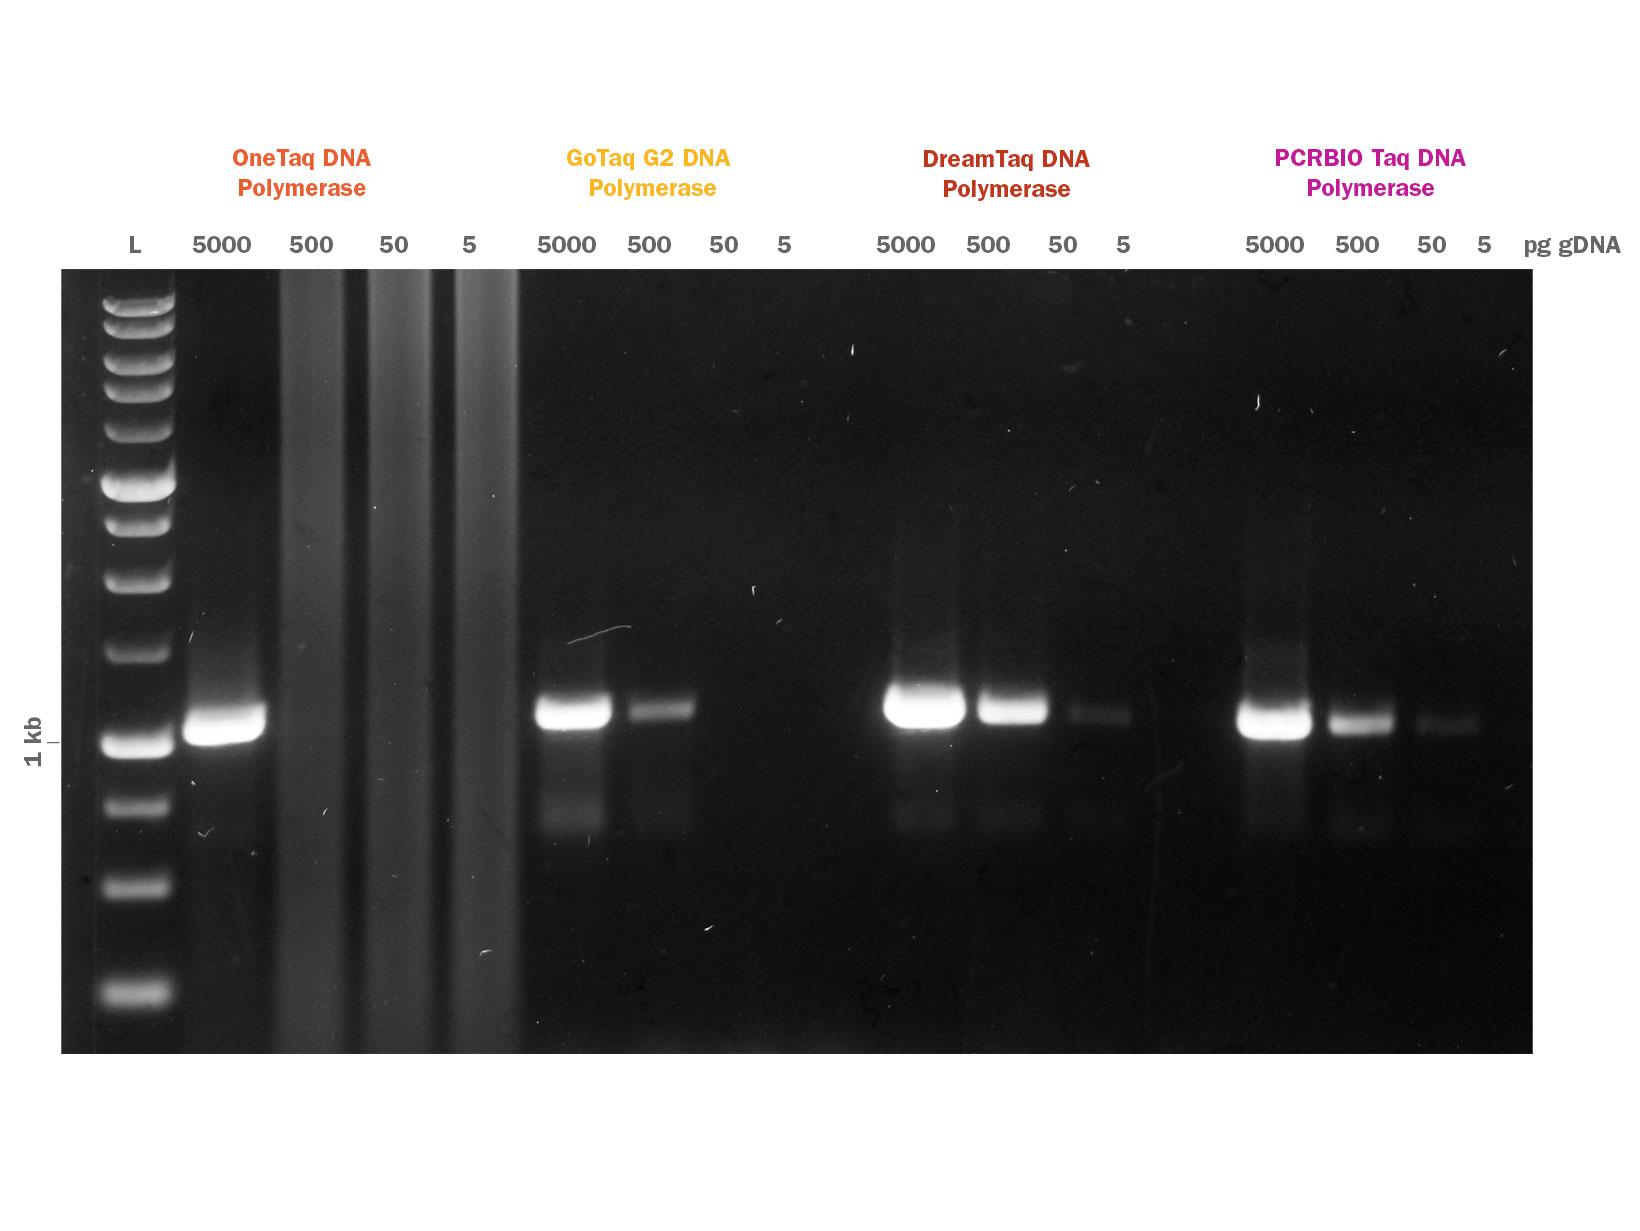 PCRBIO Taq DNA Polymerase Competitor Comparison Gel Image